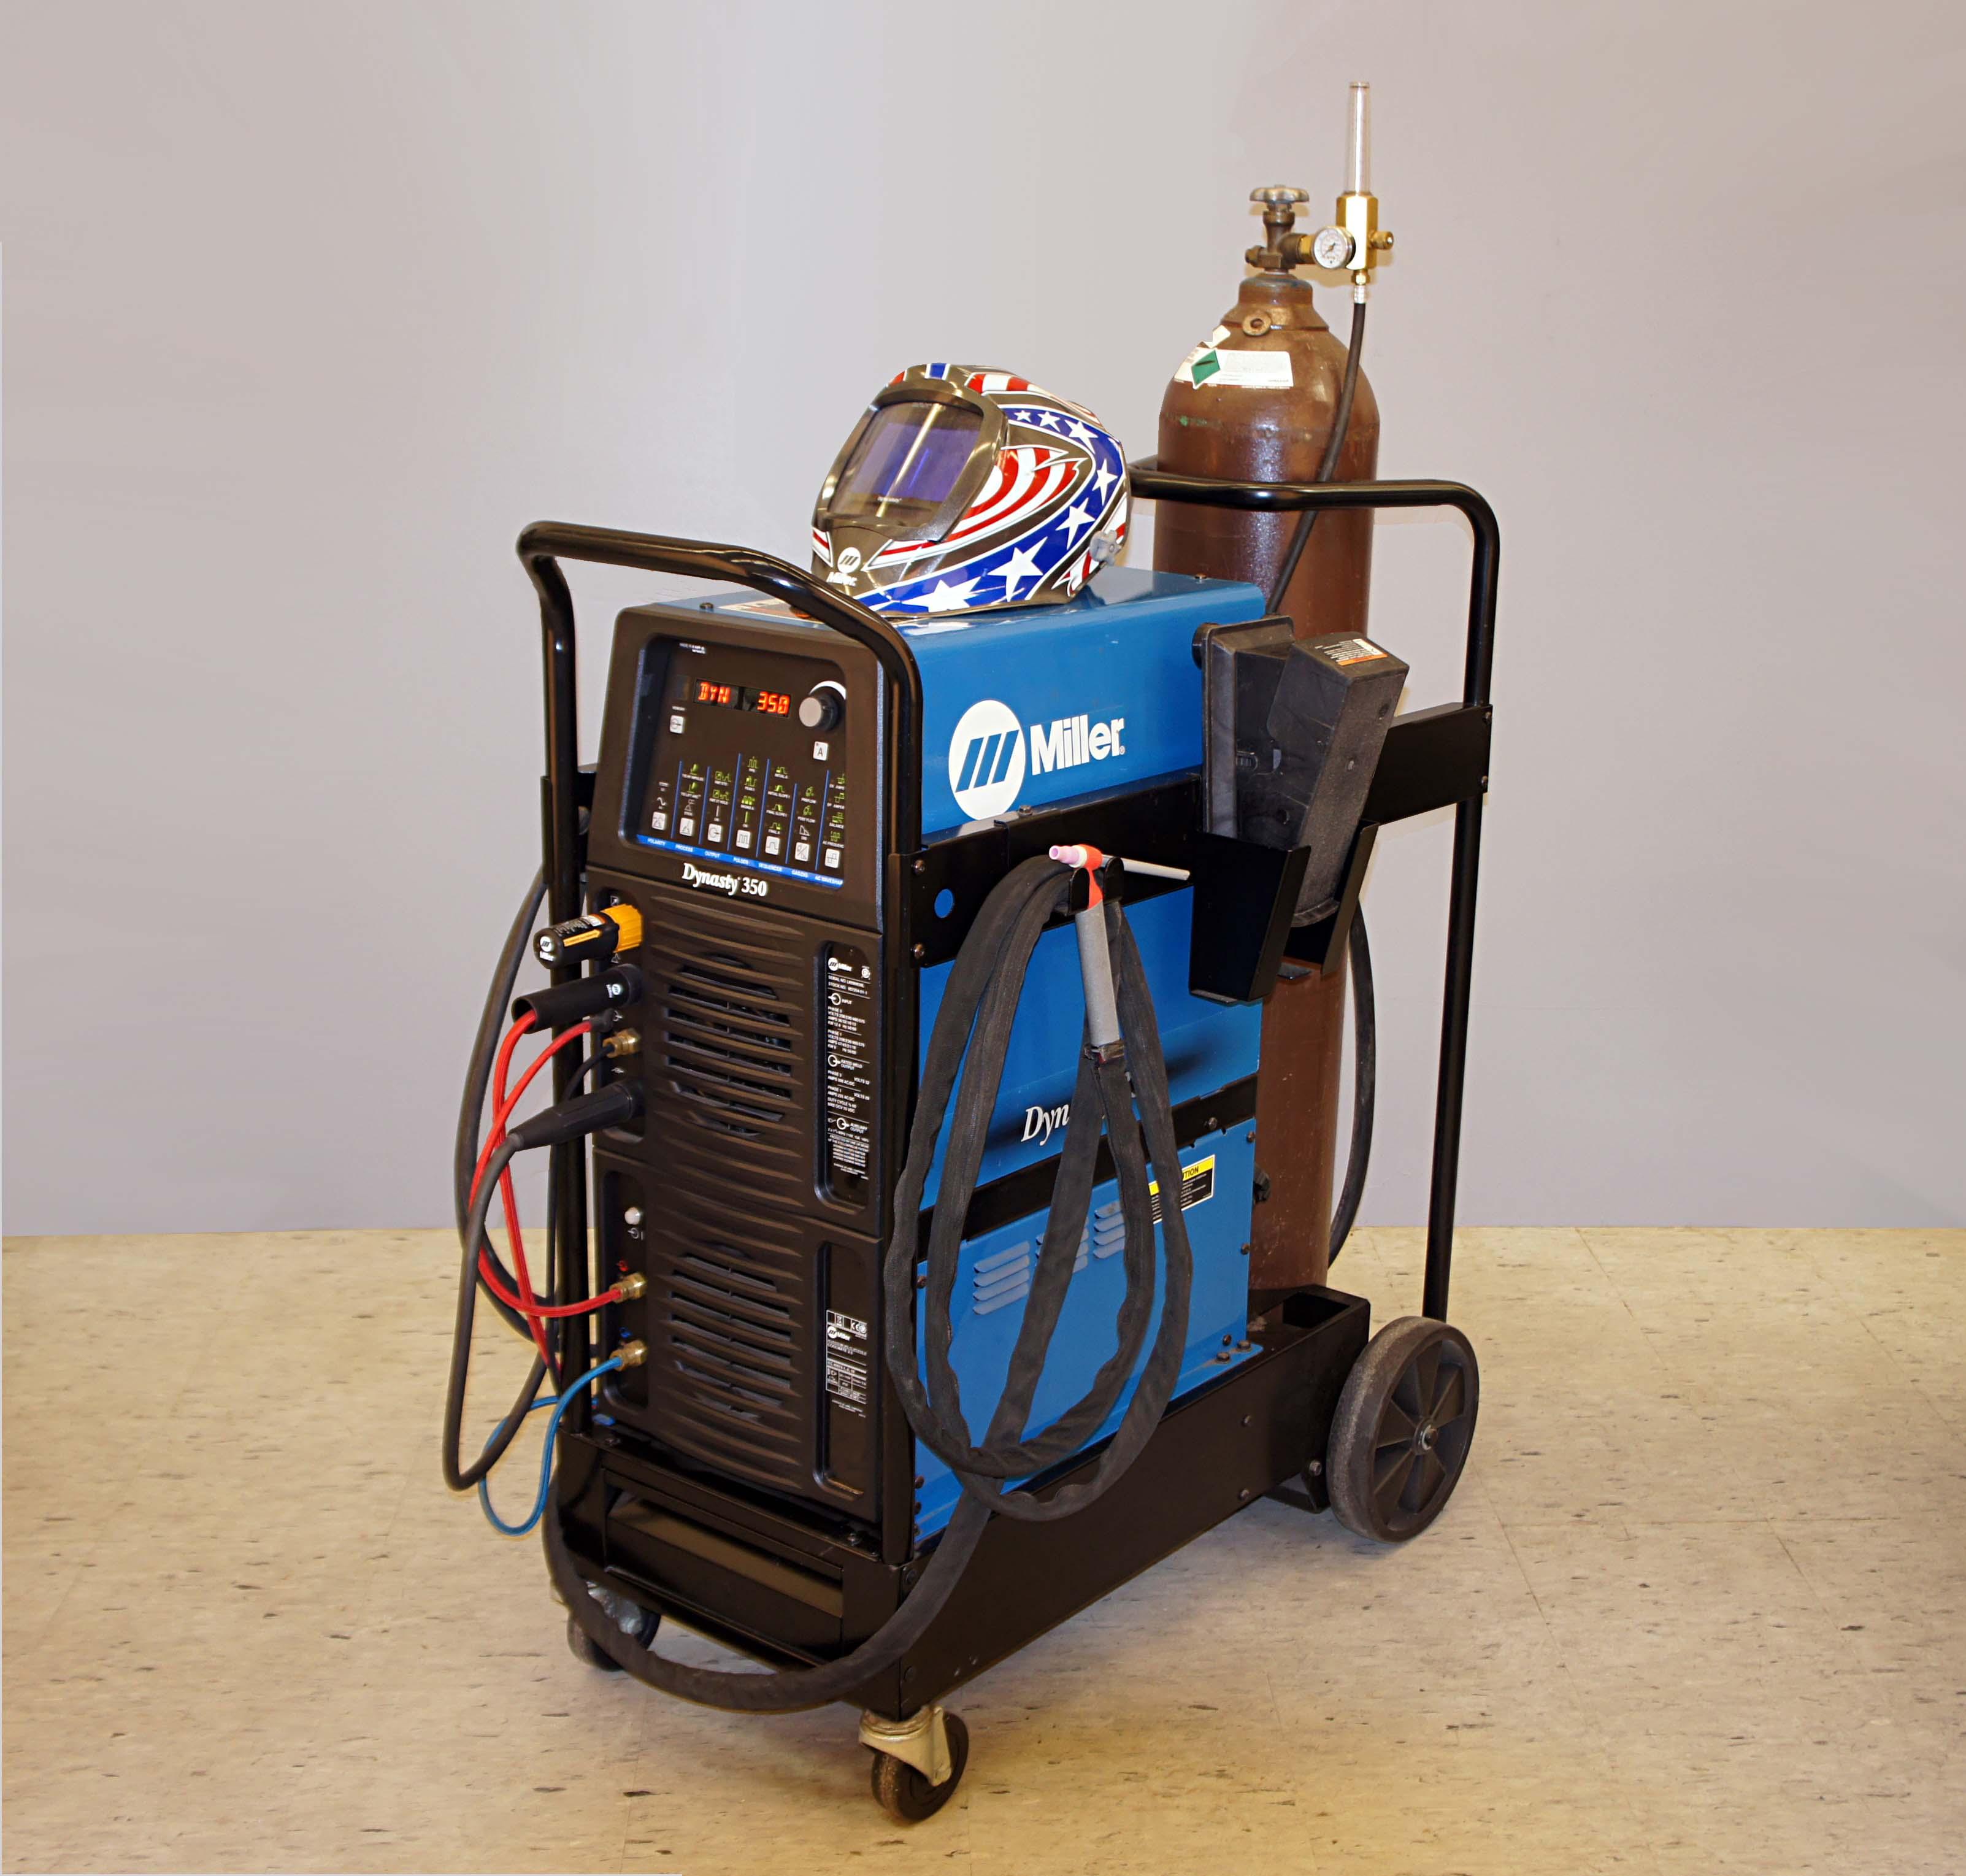 Miller Rectifier Welding Machine